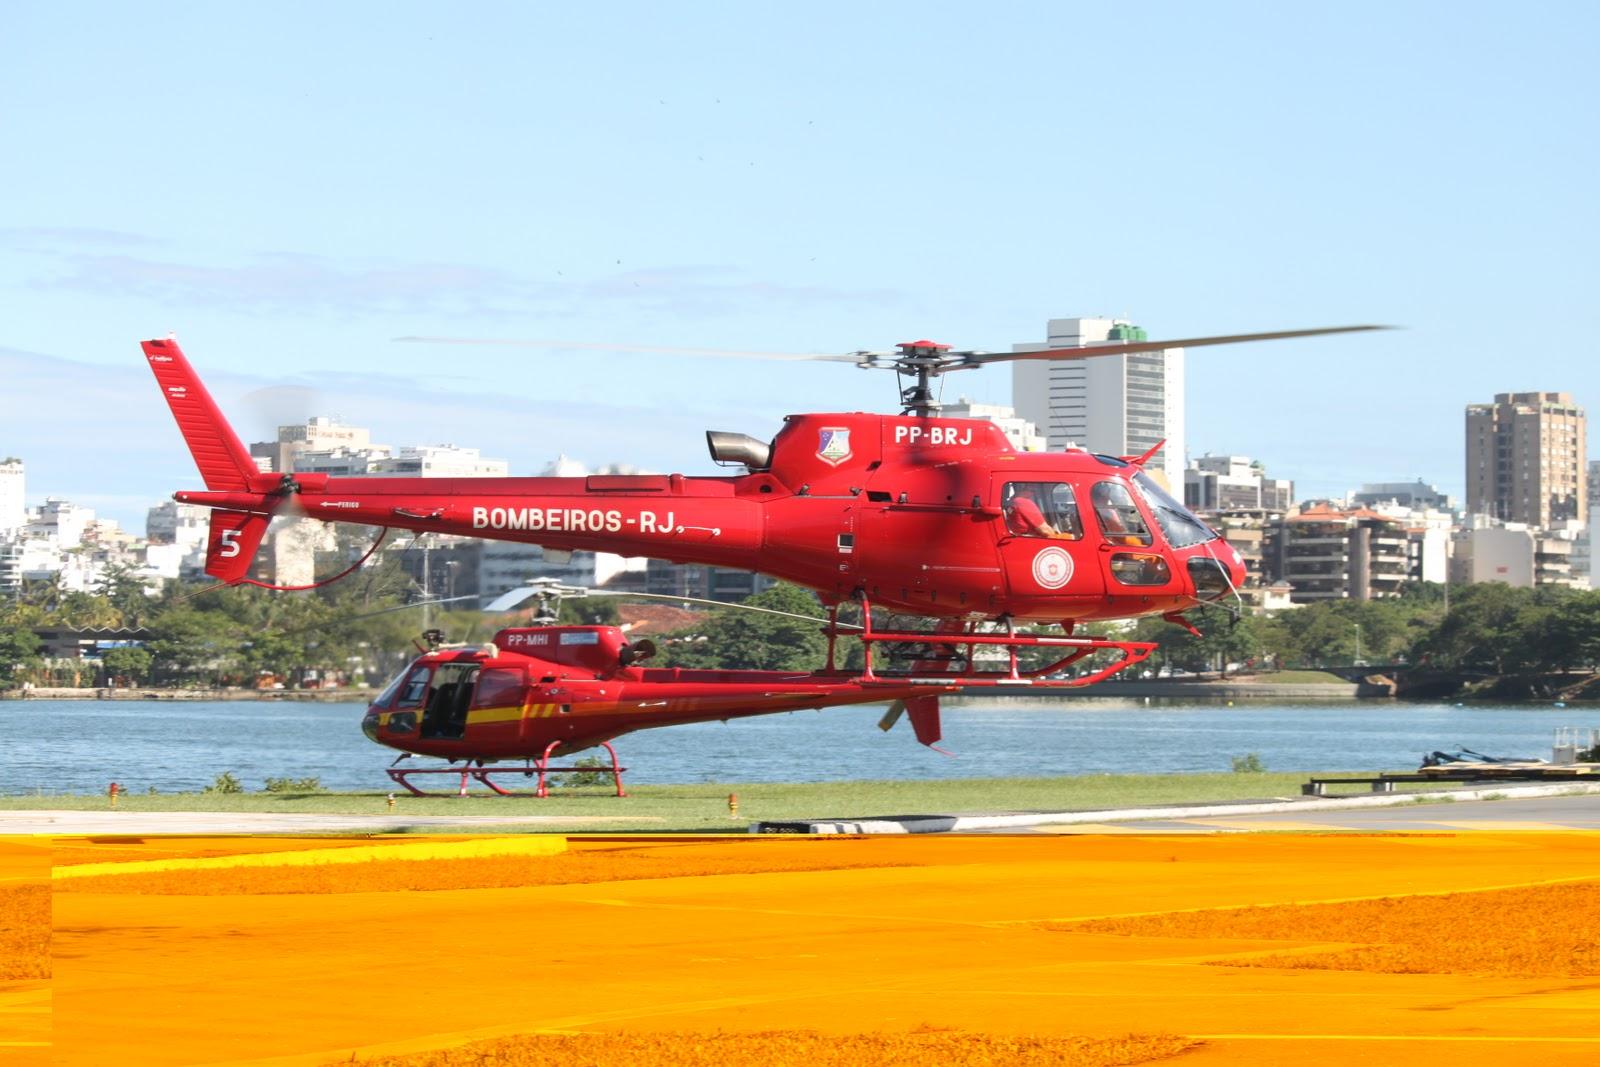 O helicóptero do Corpo de Bombeiros/RJ utilizado no resgate foi um Eurocopter AS 350B2 que nesta foto aparece ao fundo. (Foto: Daniel Queiroz)